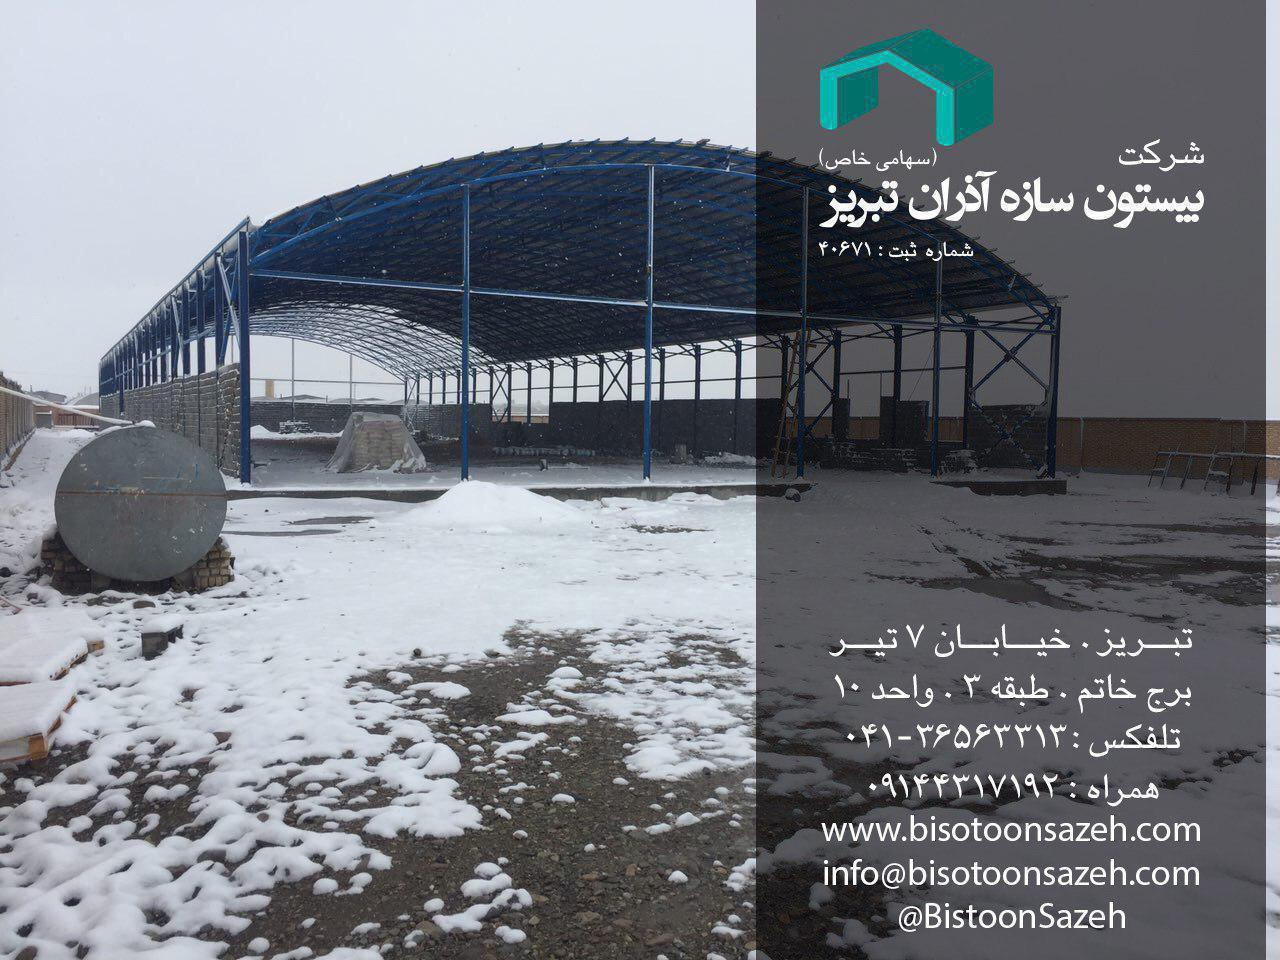 پروژه سوله سبک برای تالار در پاکدشت شریف آباد